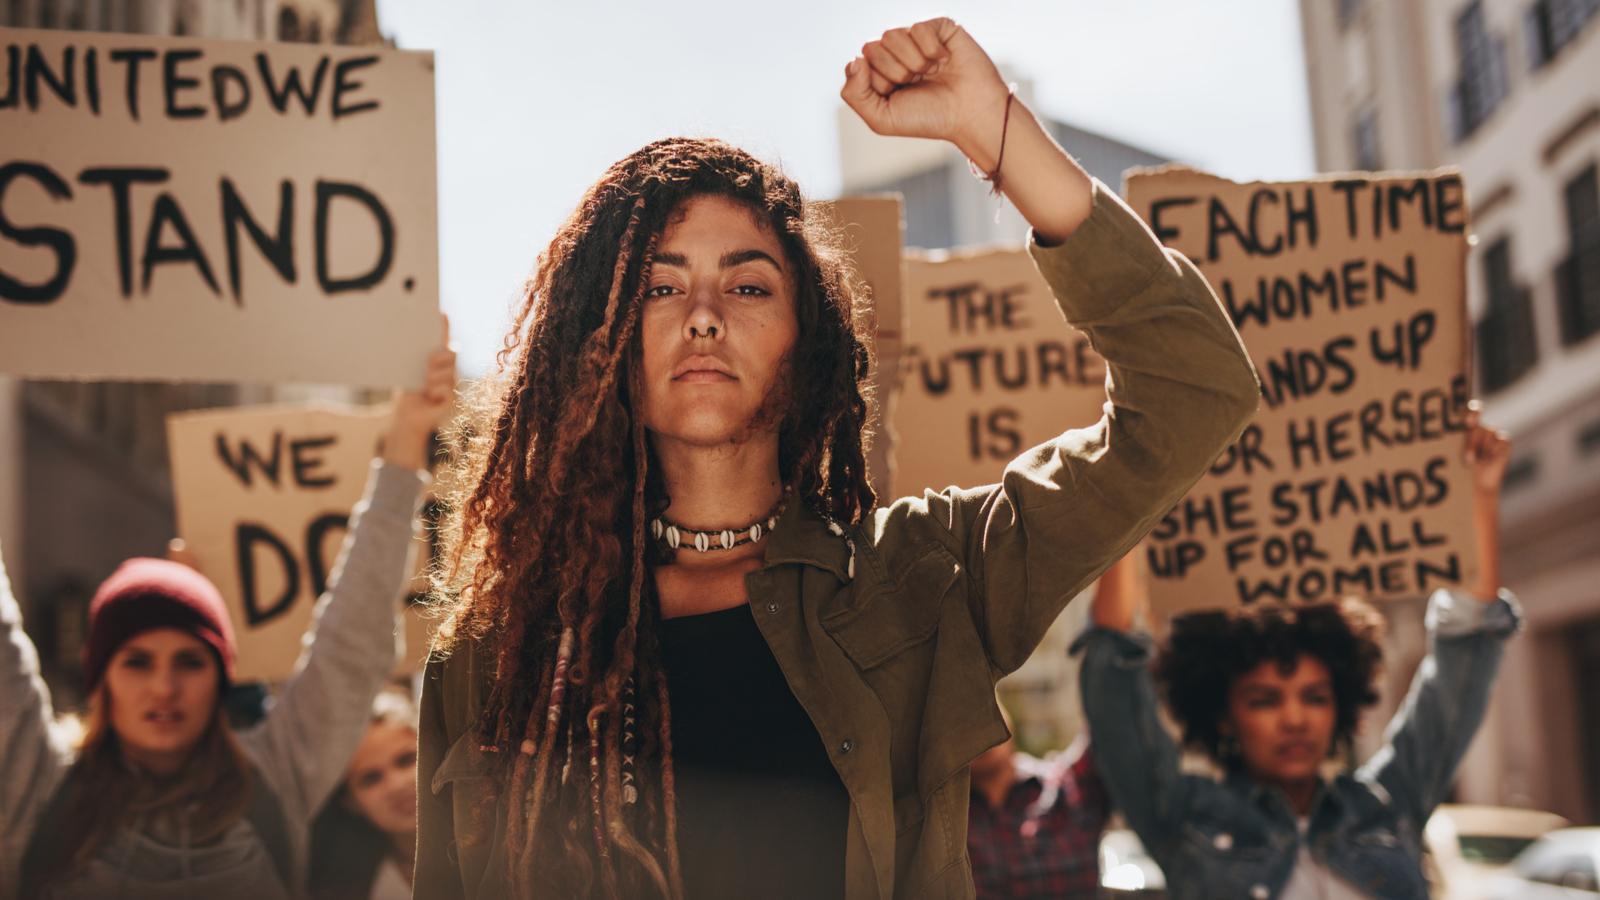 Frauen führen eine Gruppe von Demonstrierenden auf der Straße an.